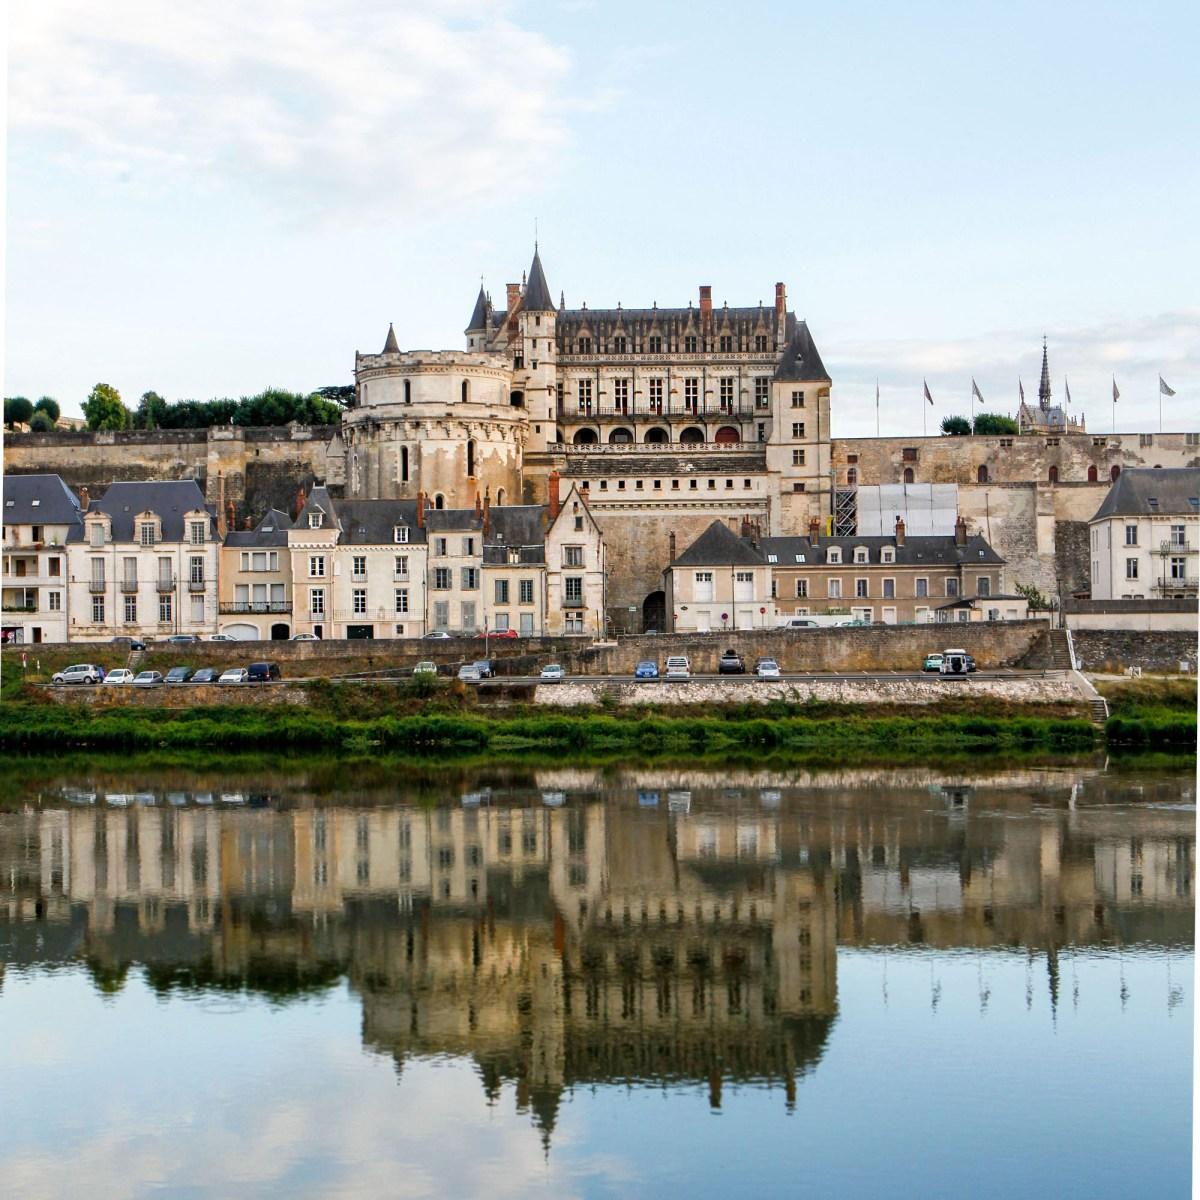 Amboise Castle along the Loire River